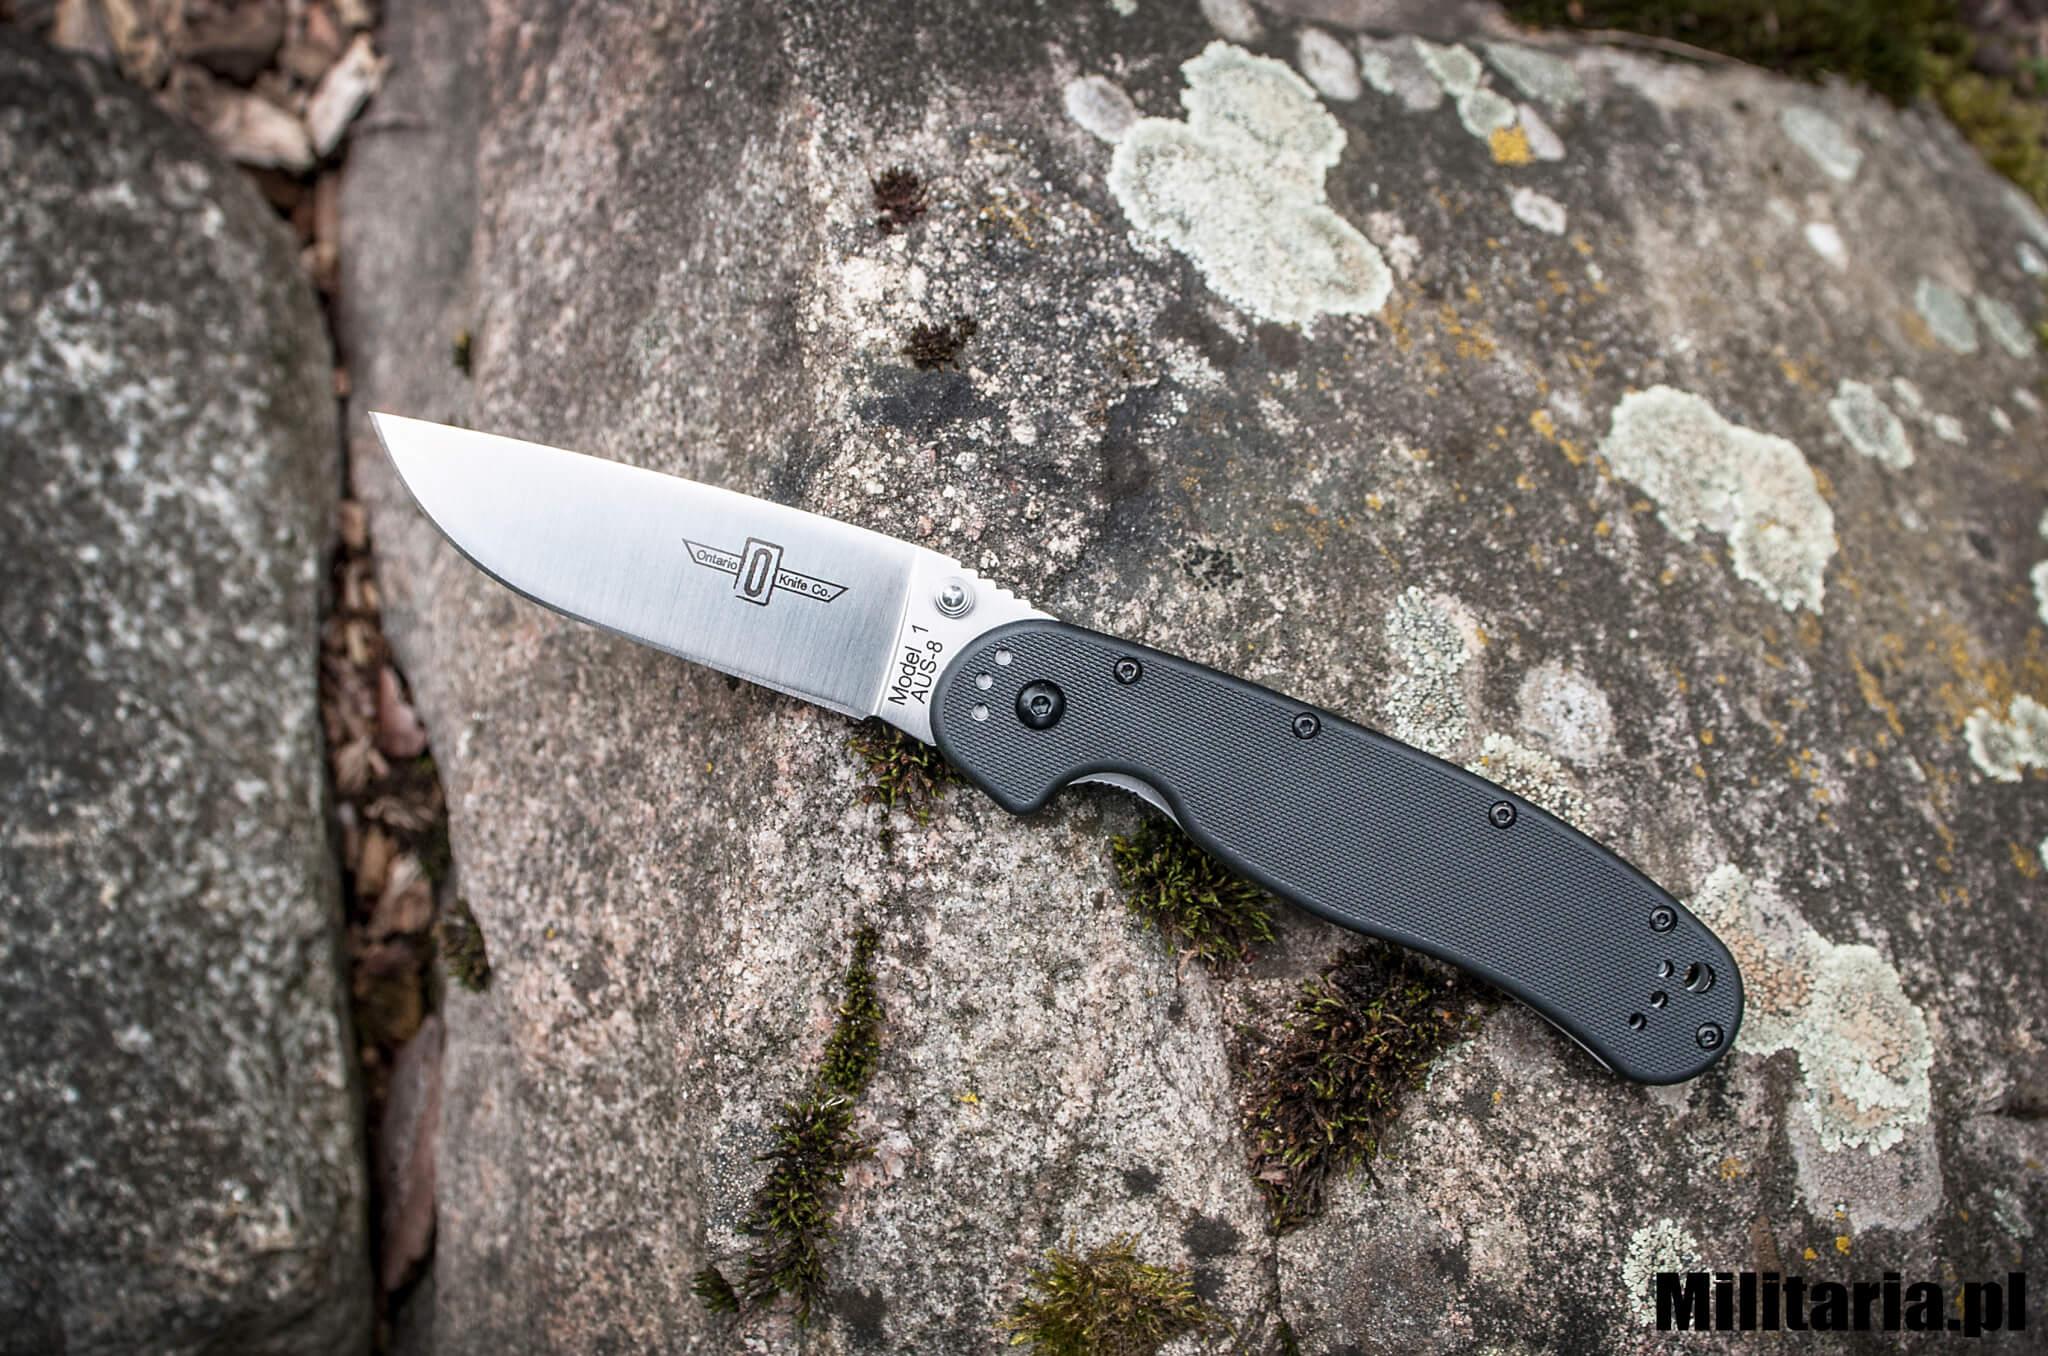 Nóż użytkowy, czyli Ontario RAT 1